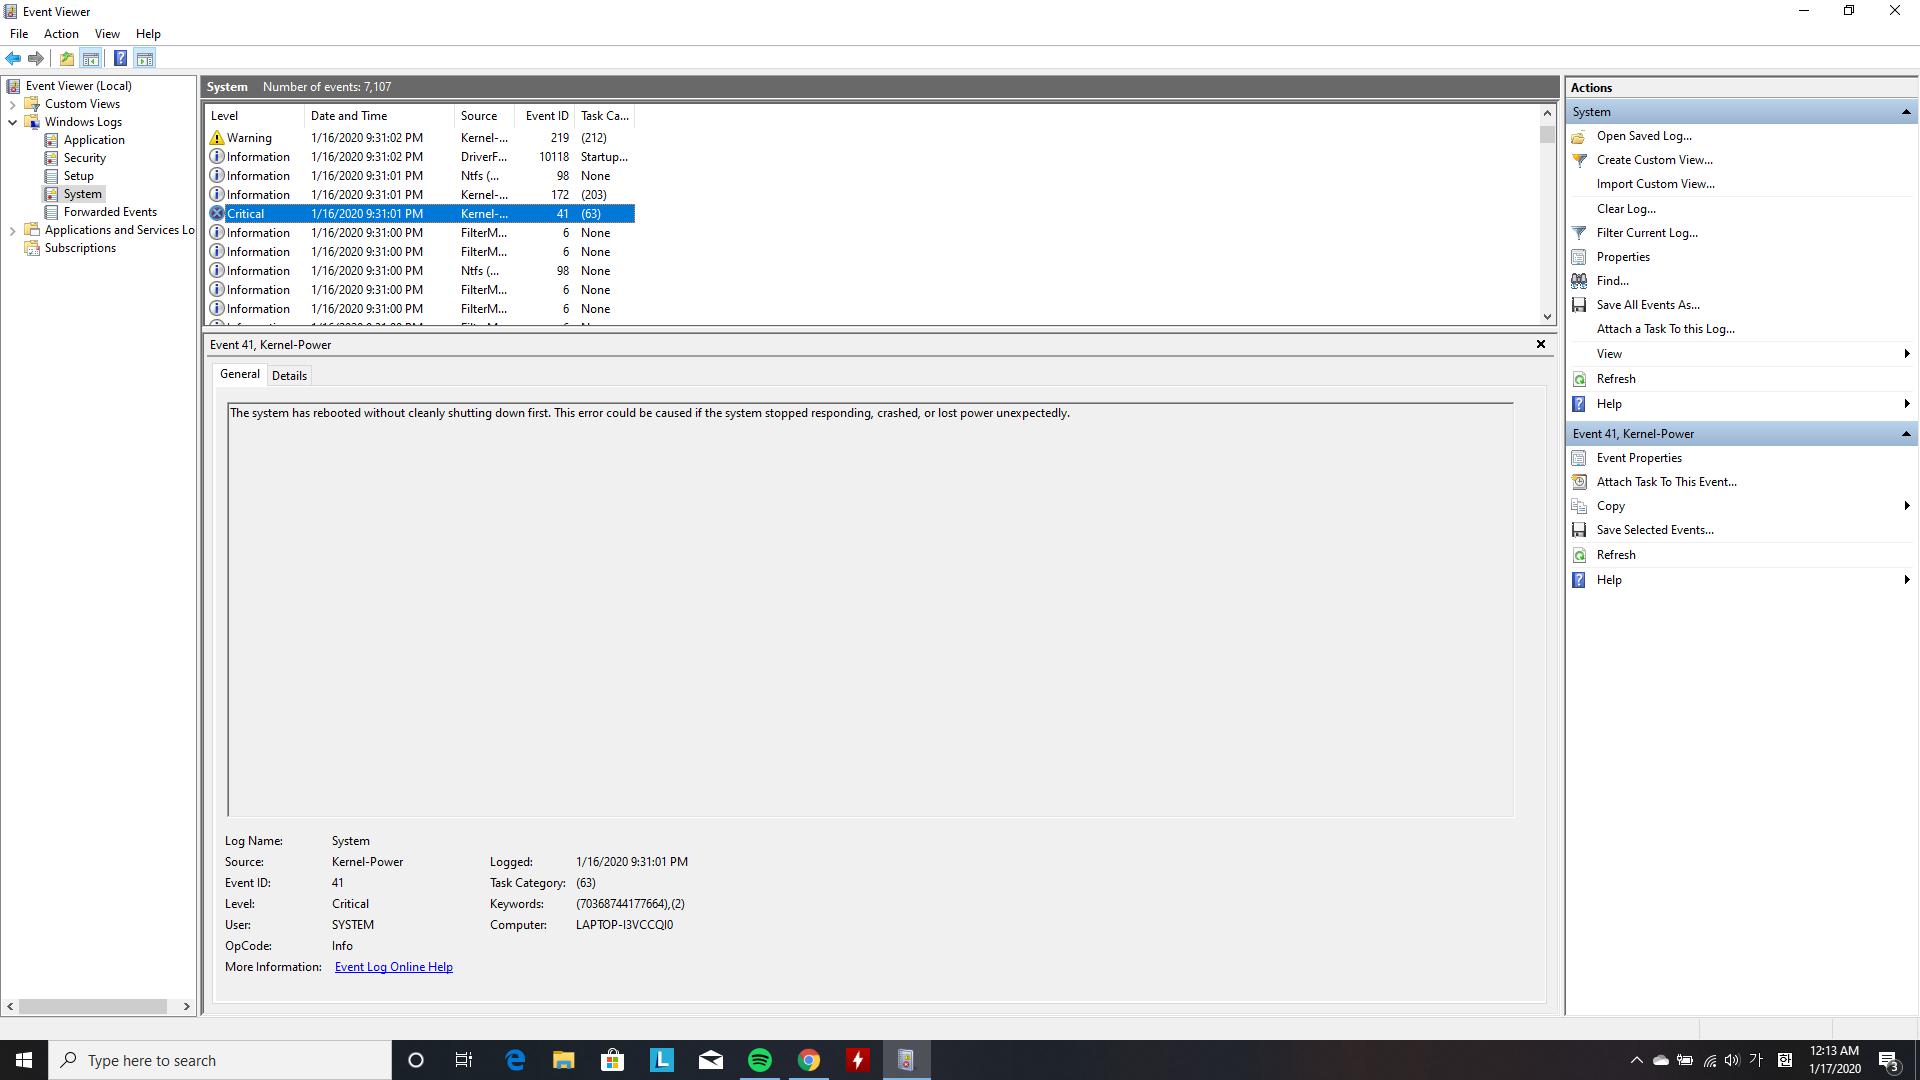 PC Shutdown 472e818b-7846-46d8-9e64-7db586710e4d?upload=true.png